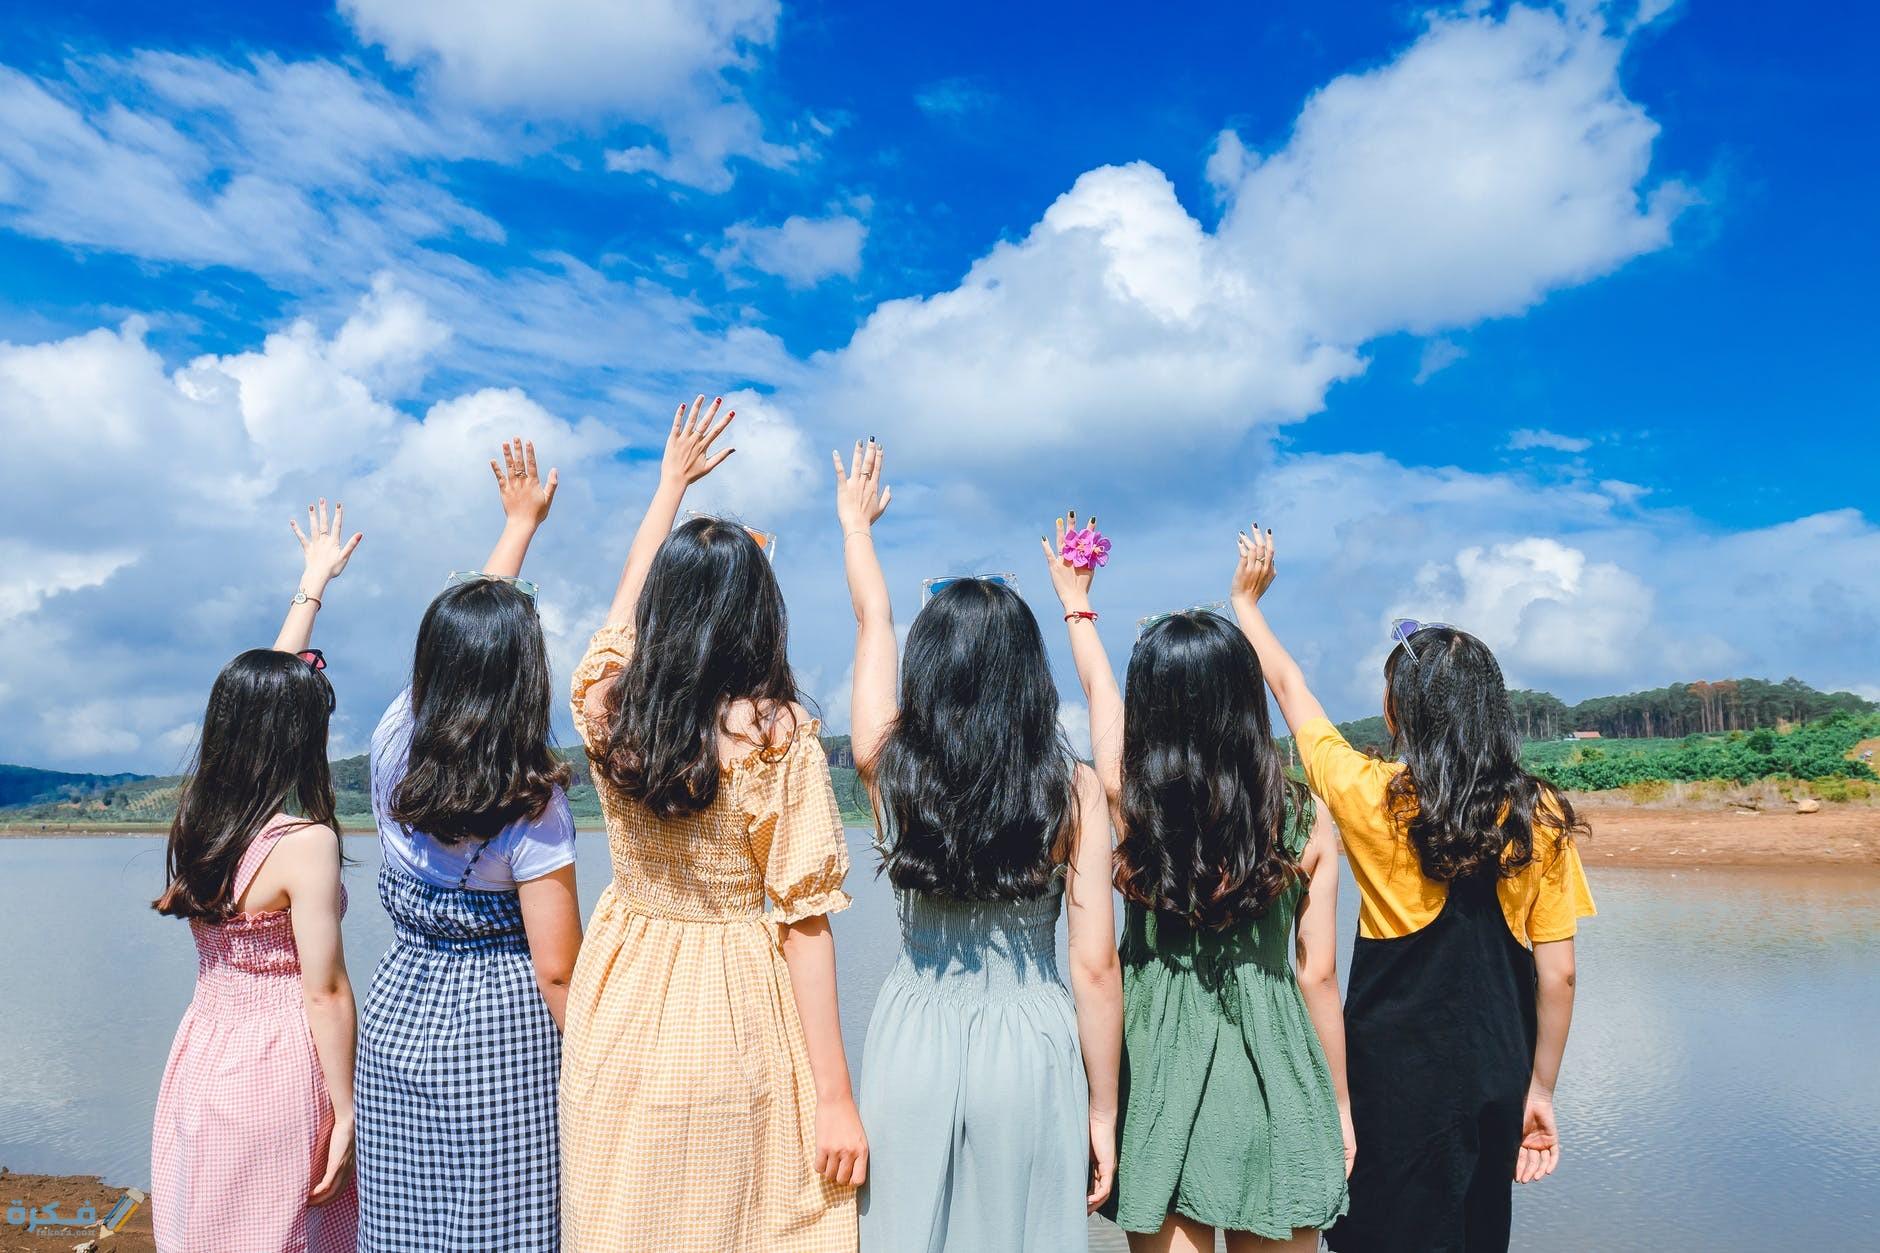 تفسير رؤية مجموعة من البنات في المنام موقع فكرة